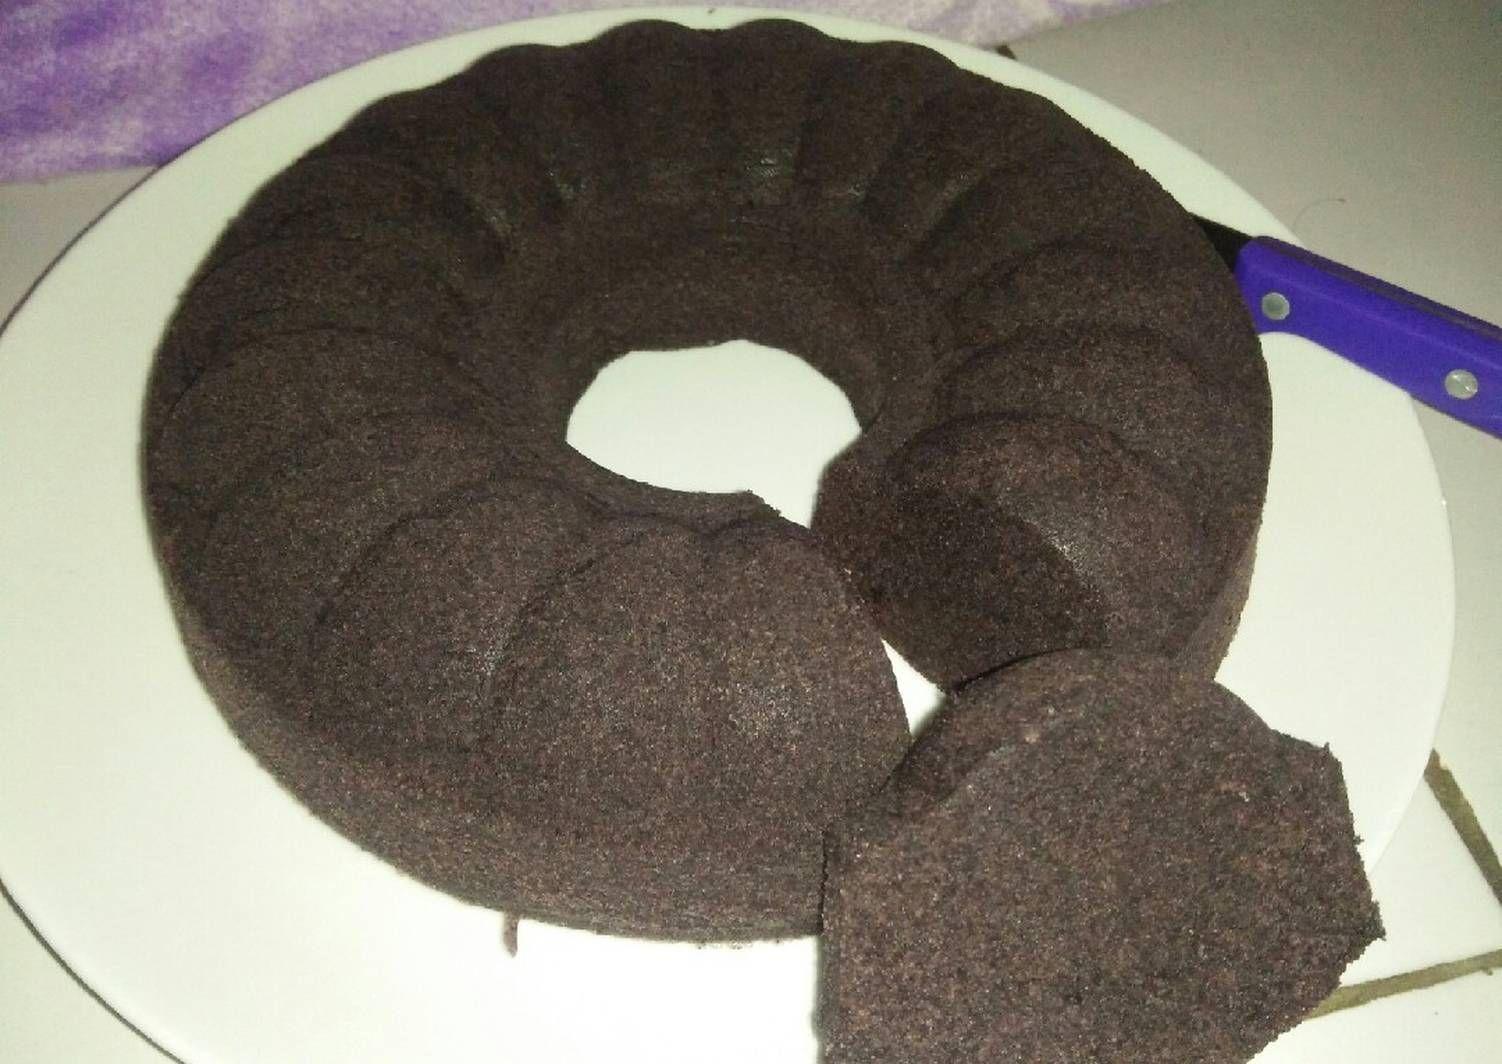 Resep Bolu Kukus Ketan Hitam Ekonomis Tanpa Mixer Oleh Ratih Resep Resep Makanan Pembuka Gigi Mixer